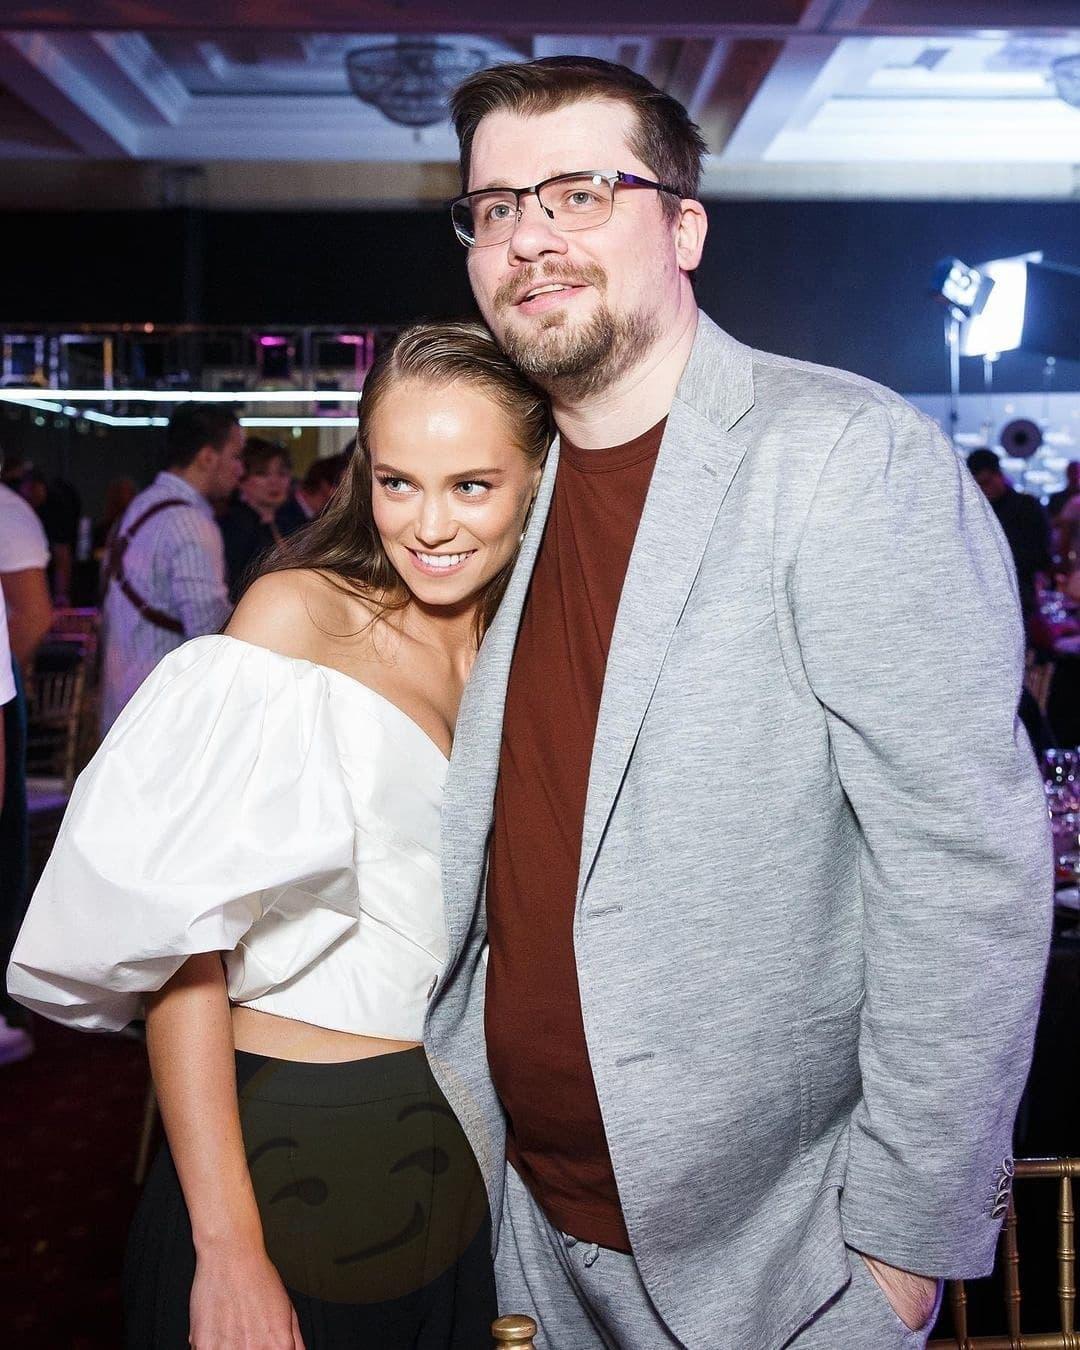 Гарик Харламов больше не скрывает свою новую возлюбленную